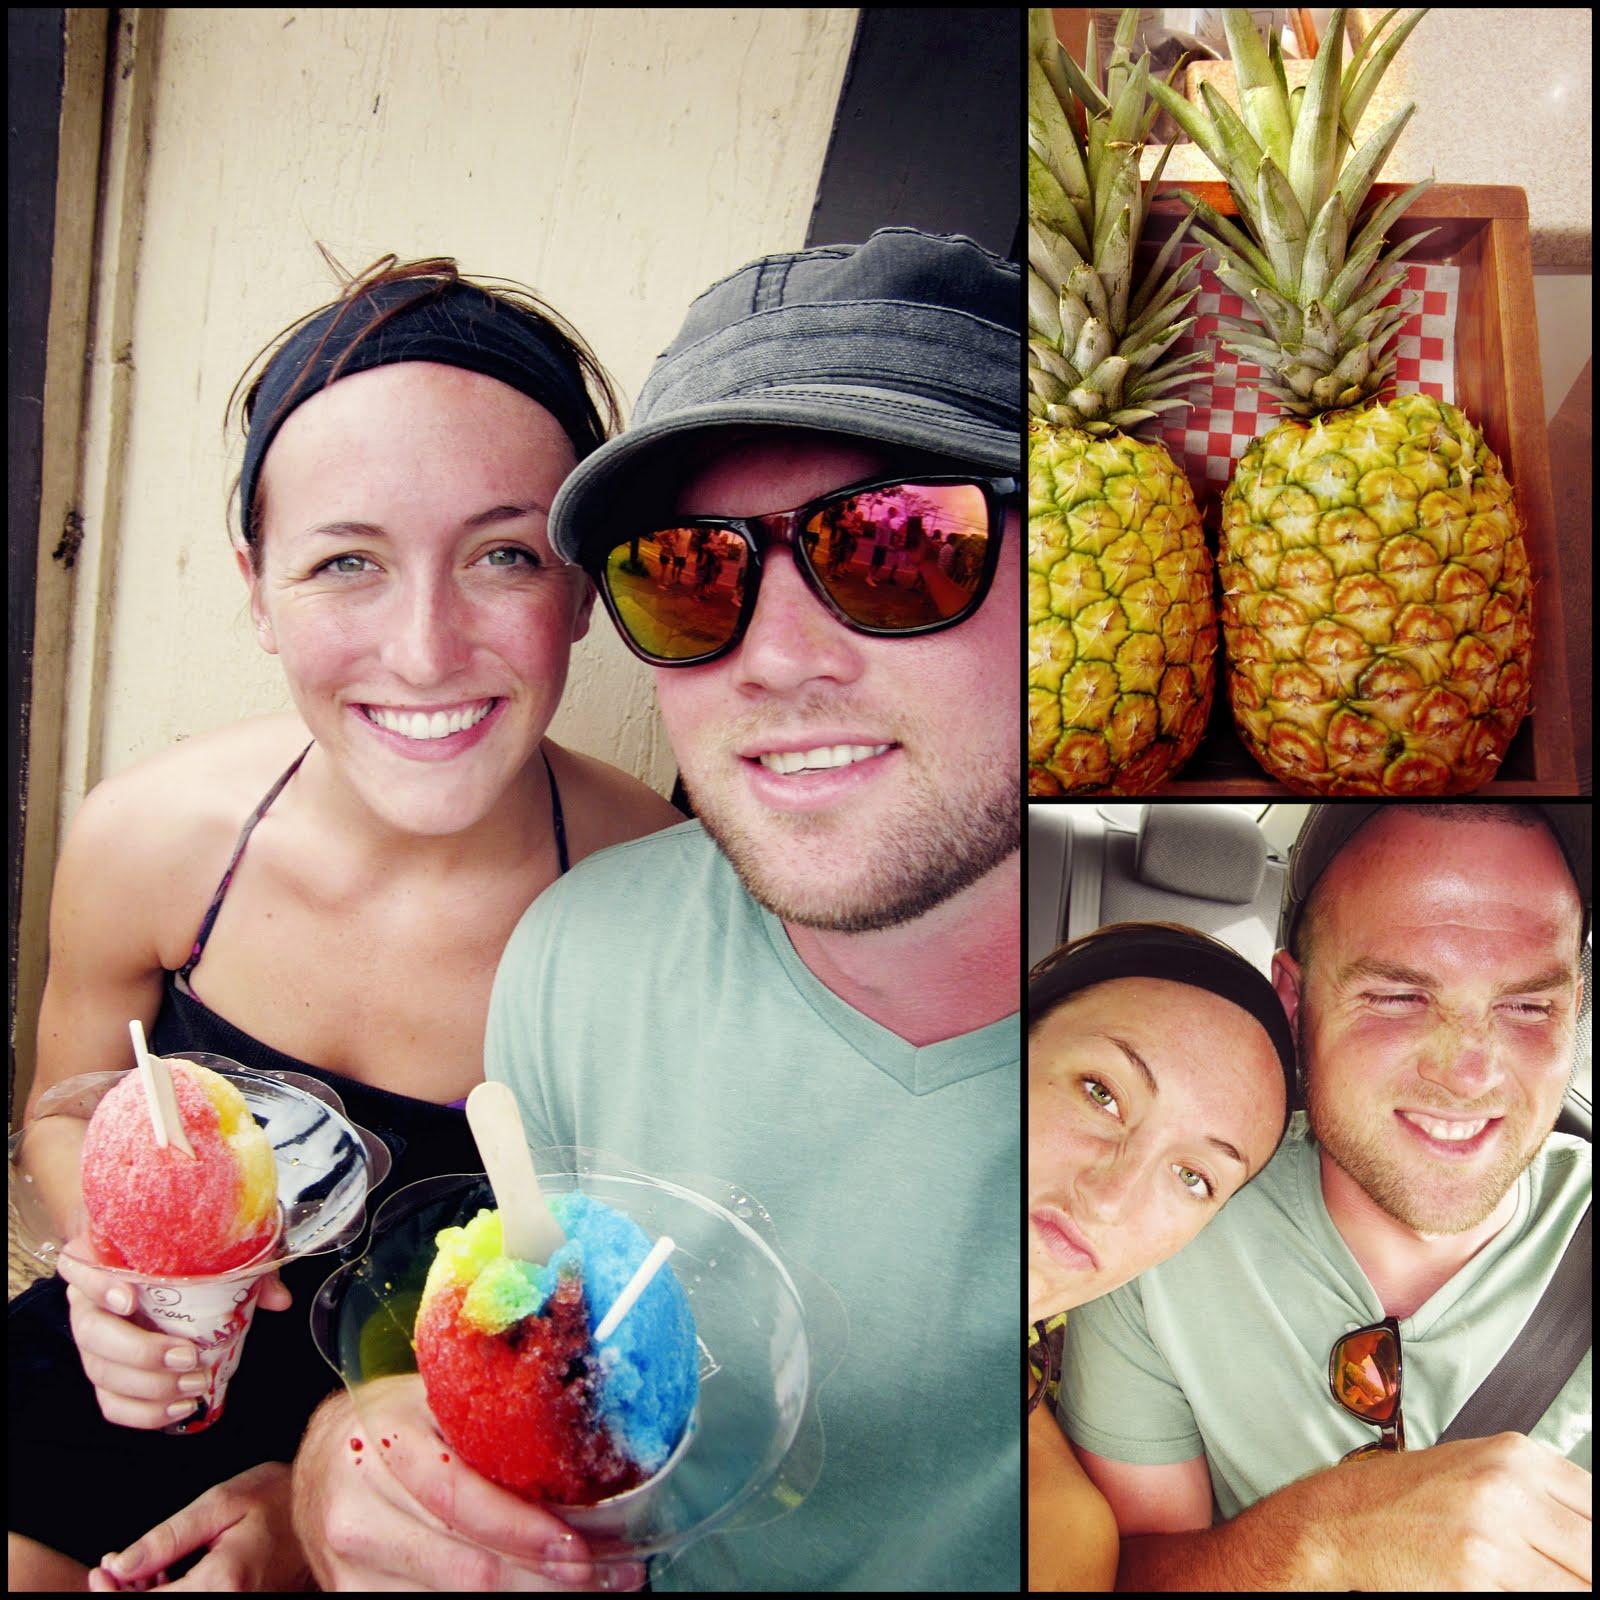 http://2.bp.blogspot.com/-cLtpOvhN2bQ/ThDJNieBEzI/AAAAAAAAA0U/NXwuNcyzzfY/s1600/Hawaii3.jpg